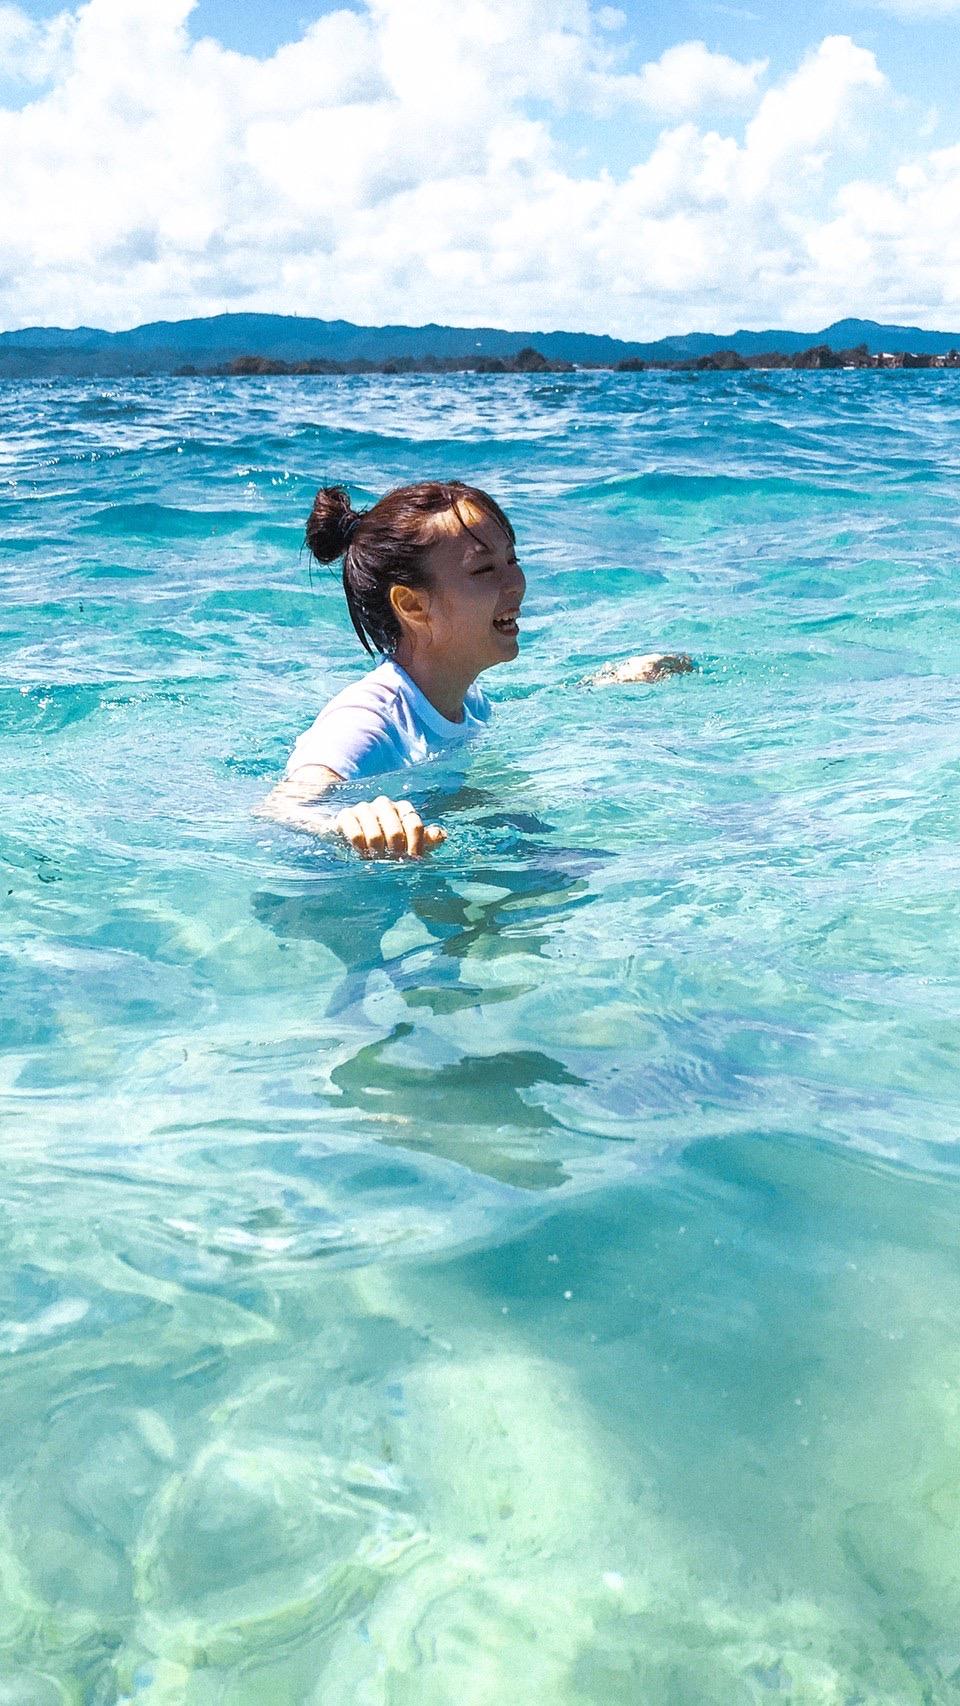 【女子旅におすすめ】沖縄県《橋で渡れる離島 古宇利島》20代のうちに行っておきたい、隠れ絶景スポット♡_3